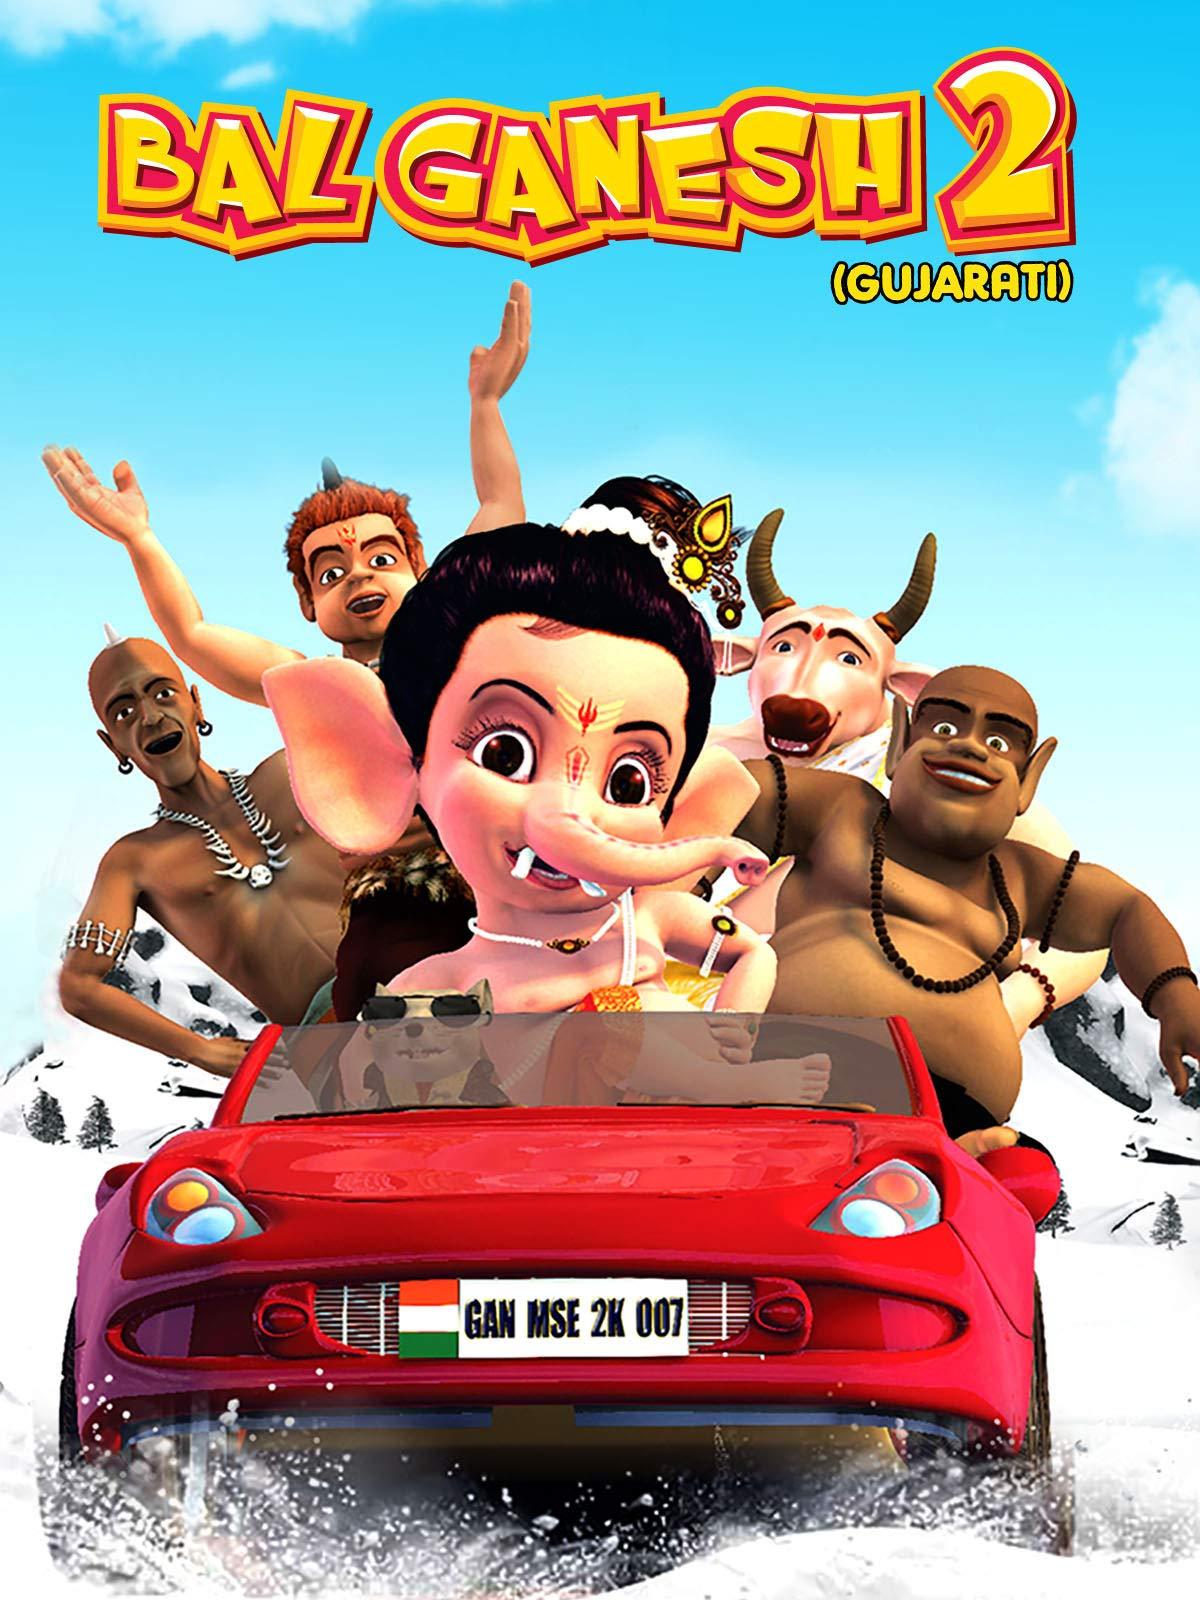 Bal Ganesh 2 (Gujarati)